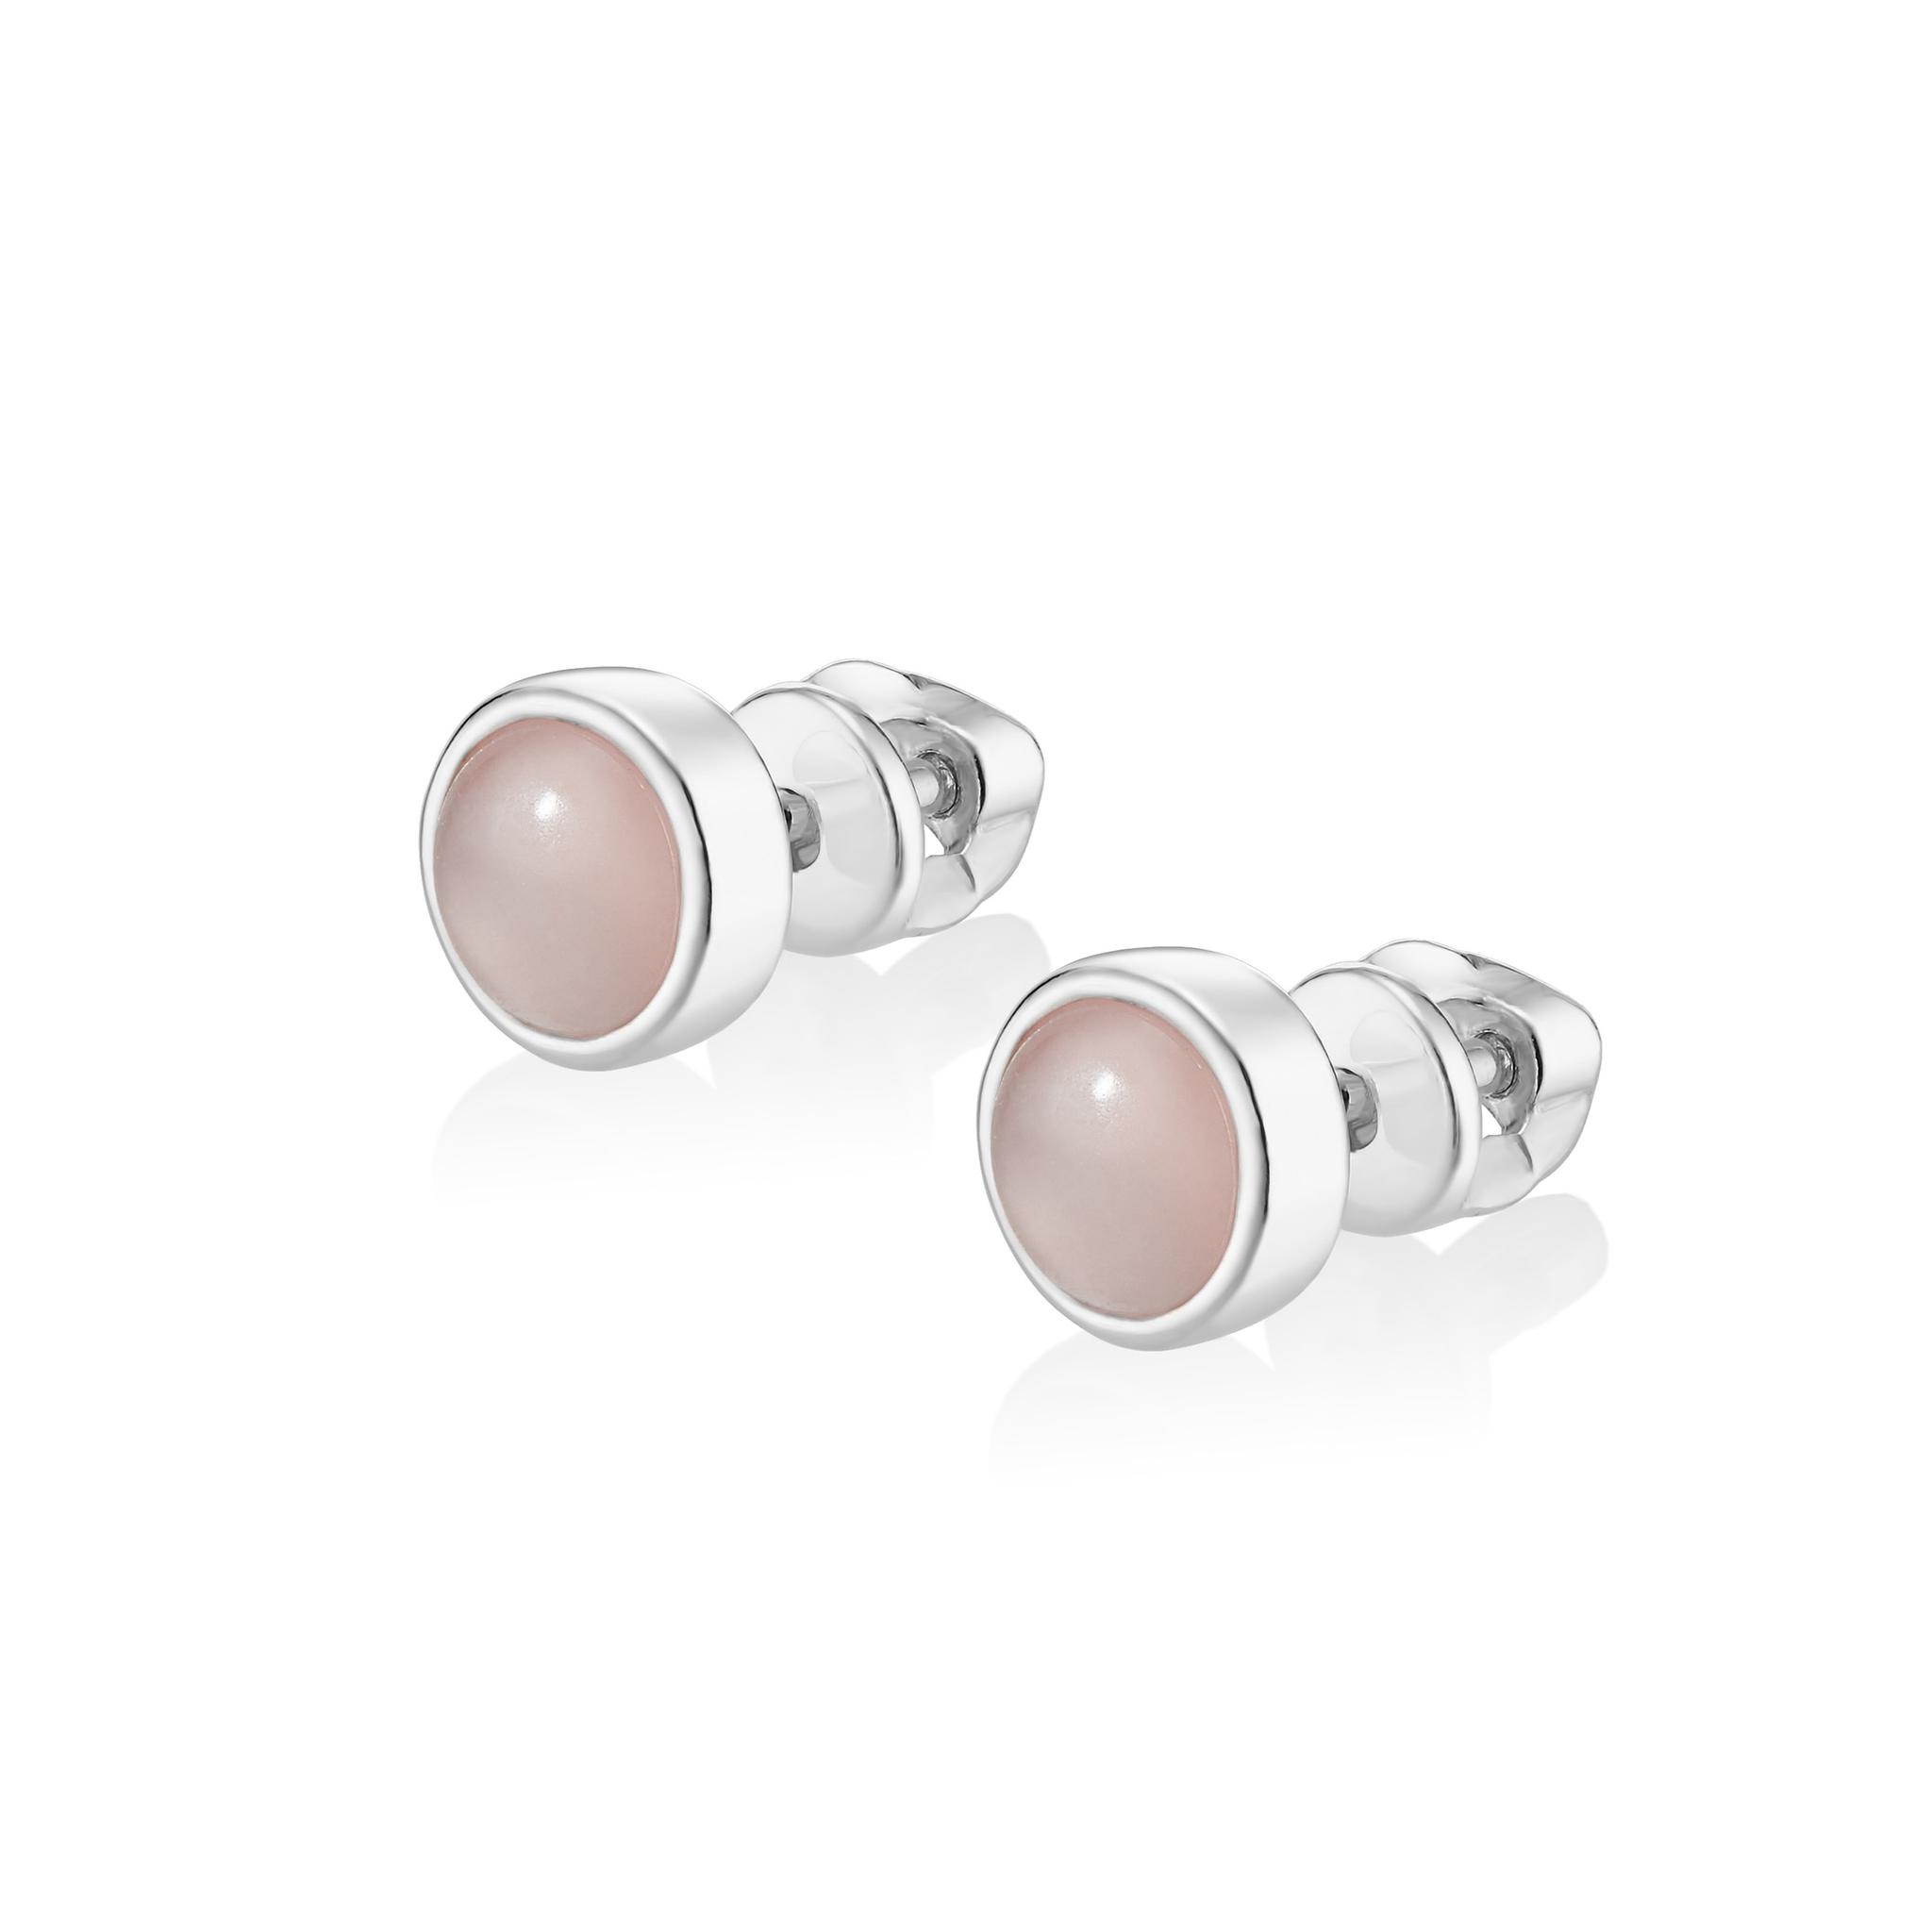 Серьги ALPHA - Розовый кварц (Закрутка)